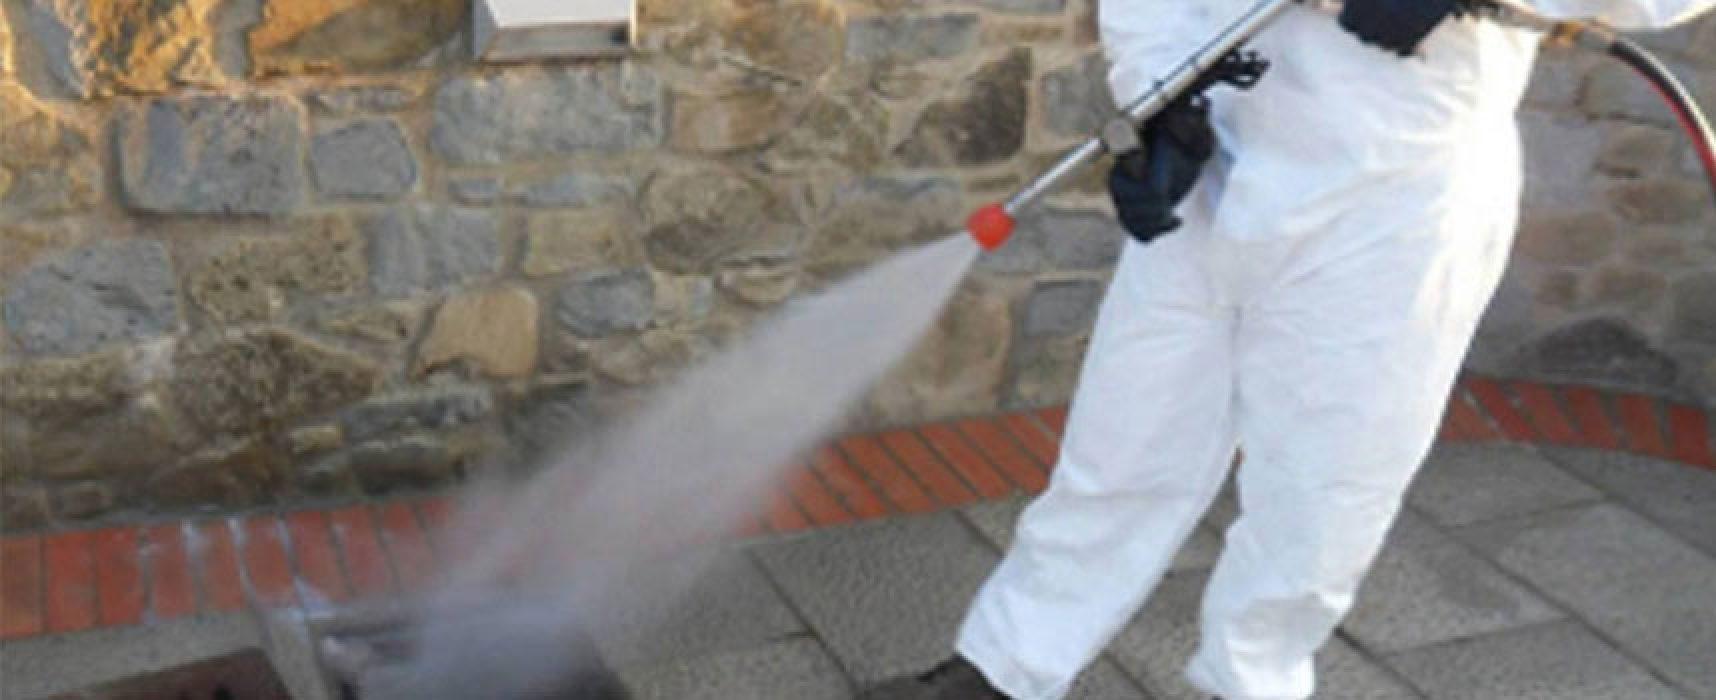 Eseguiti servizi di sanificazione in tutti i plessi scolastici di competenza comunale